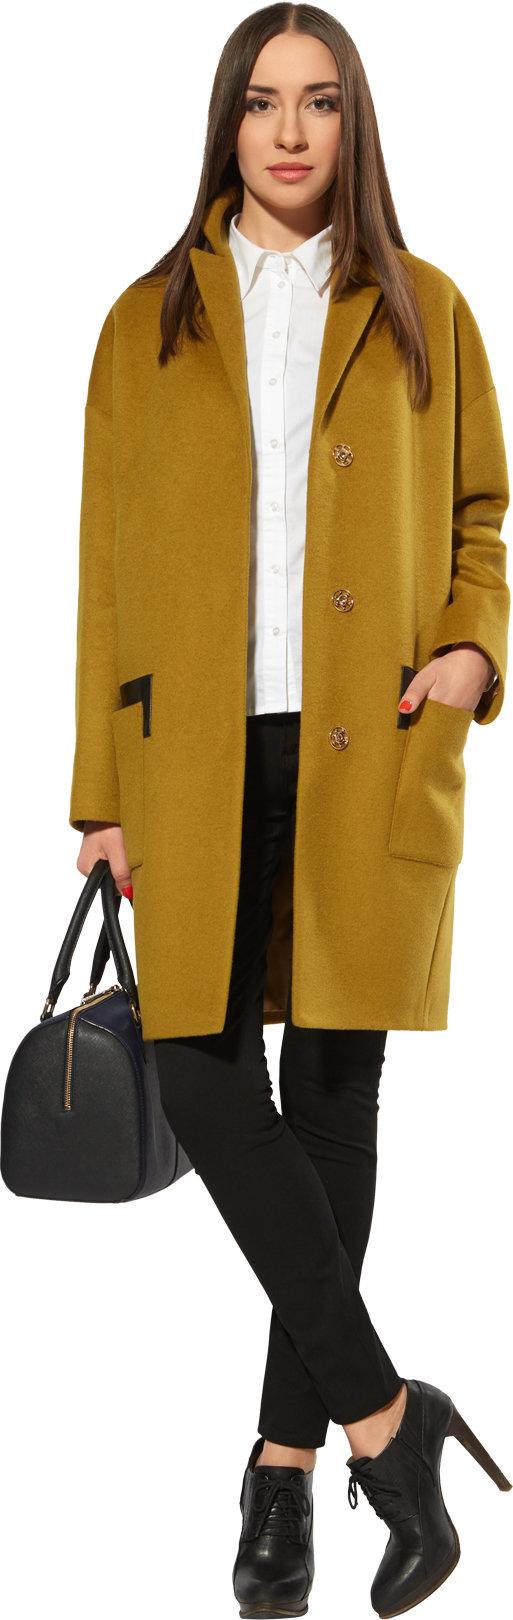 купить пальто, пальто женское купить, купить пальто магазин, пальто купить интернет магазин, купить пальто +в интернет магазине